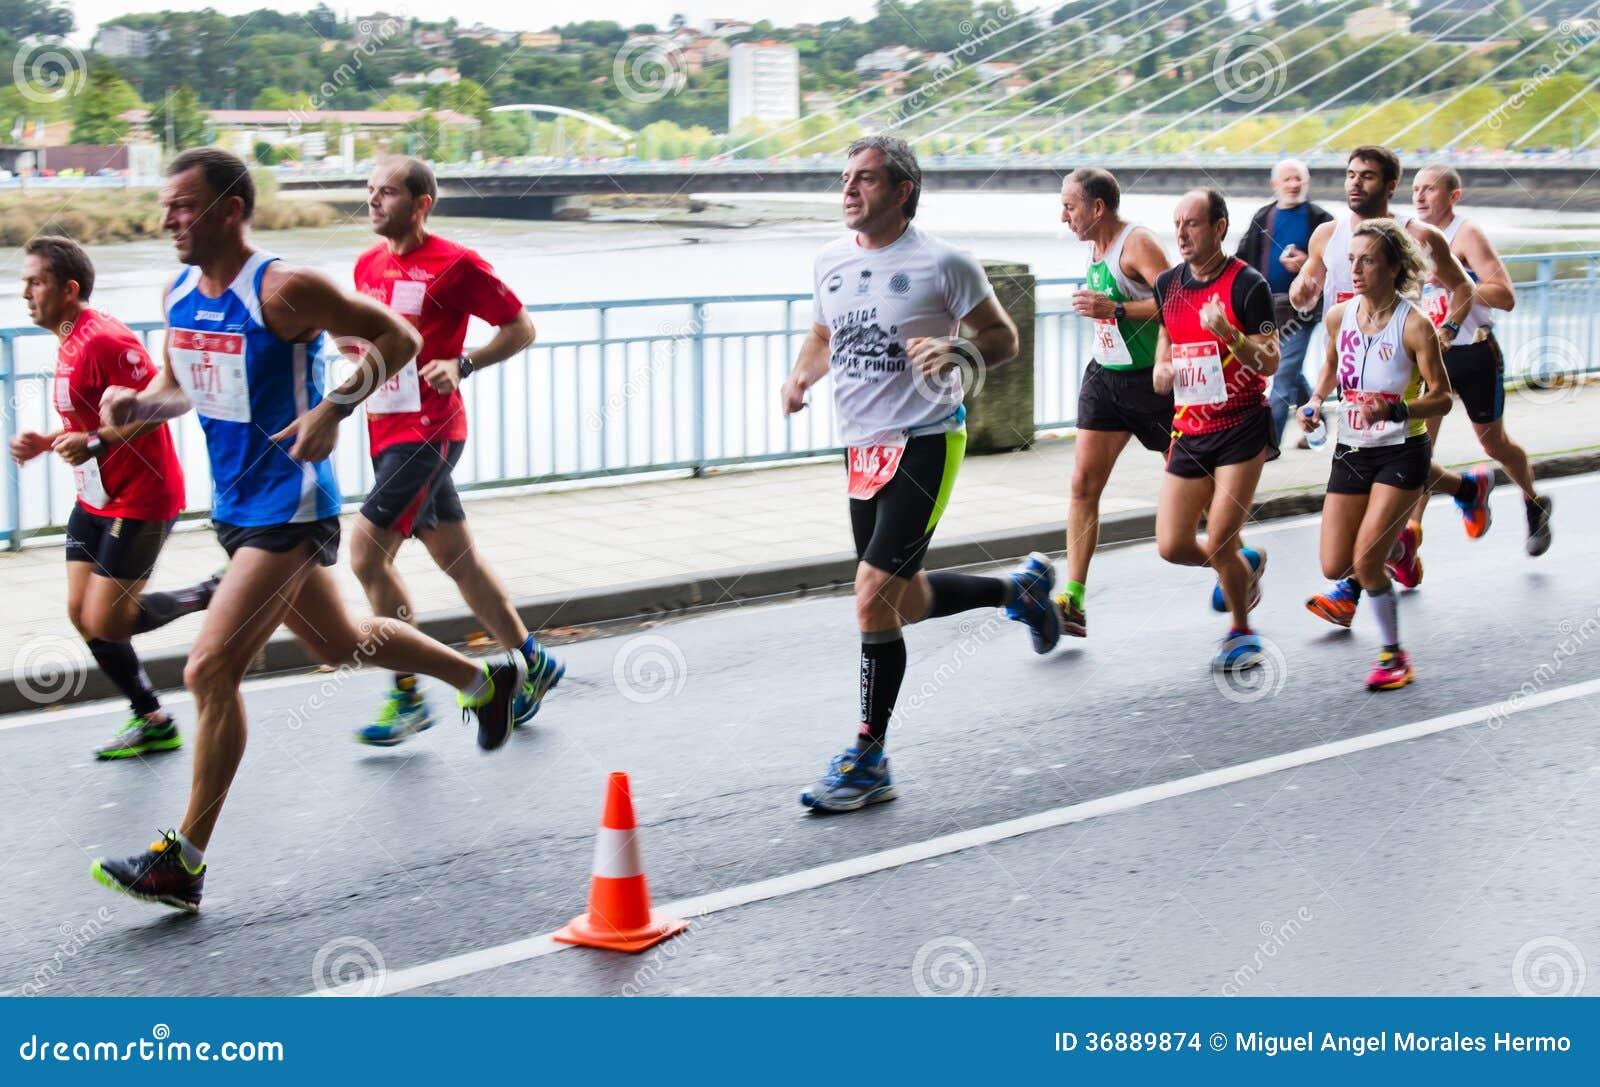 Download Maratona urbana immagine stock editoriale. Immagine di corsa - 36889874